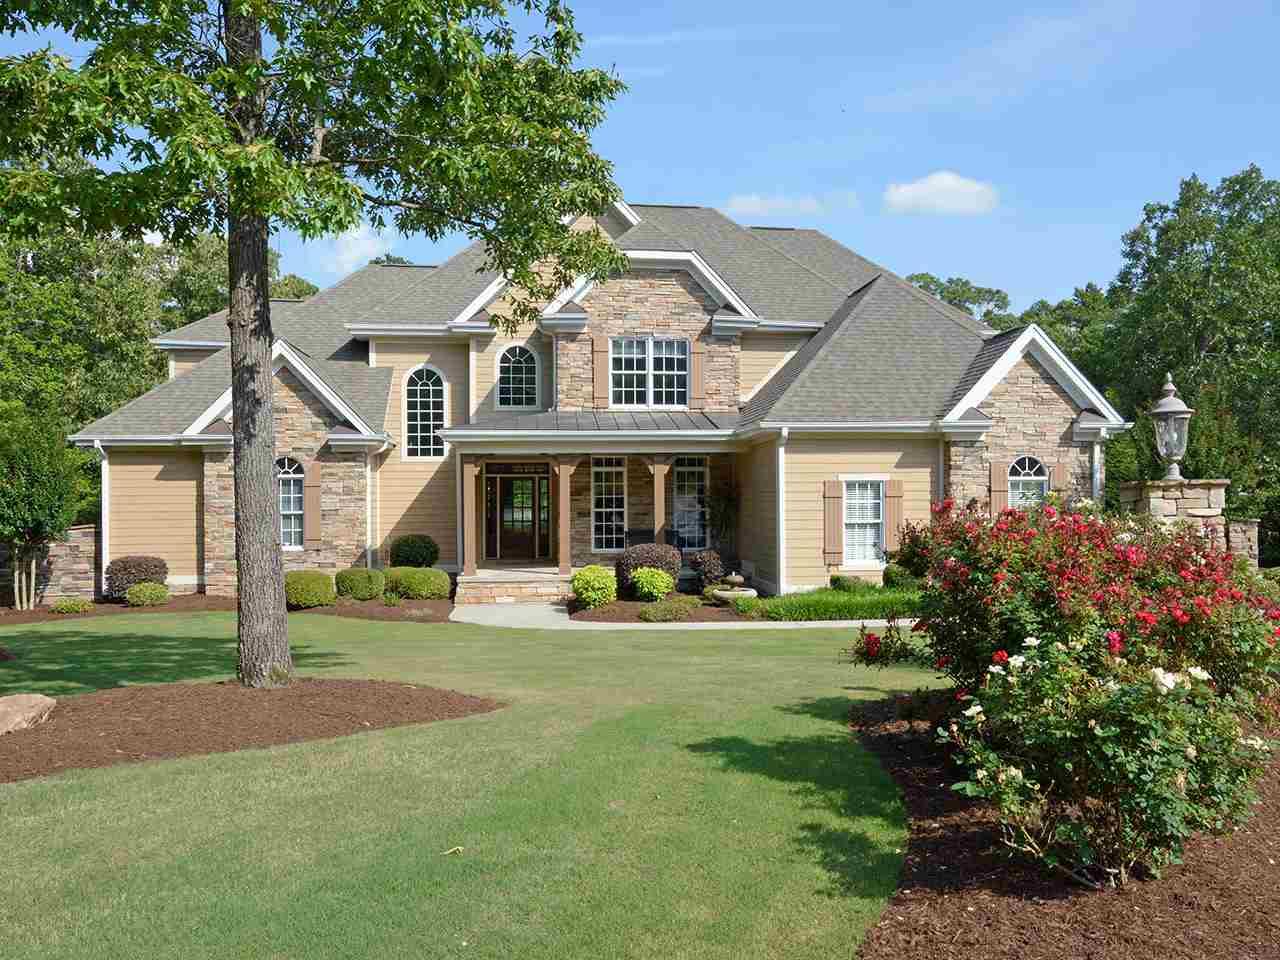 Real Estate for Sale, ListingId: 35223694, Belton,SC29627